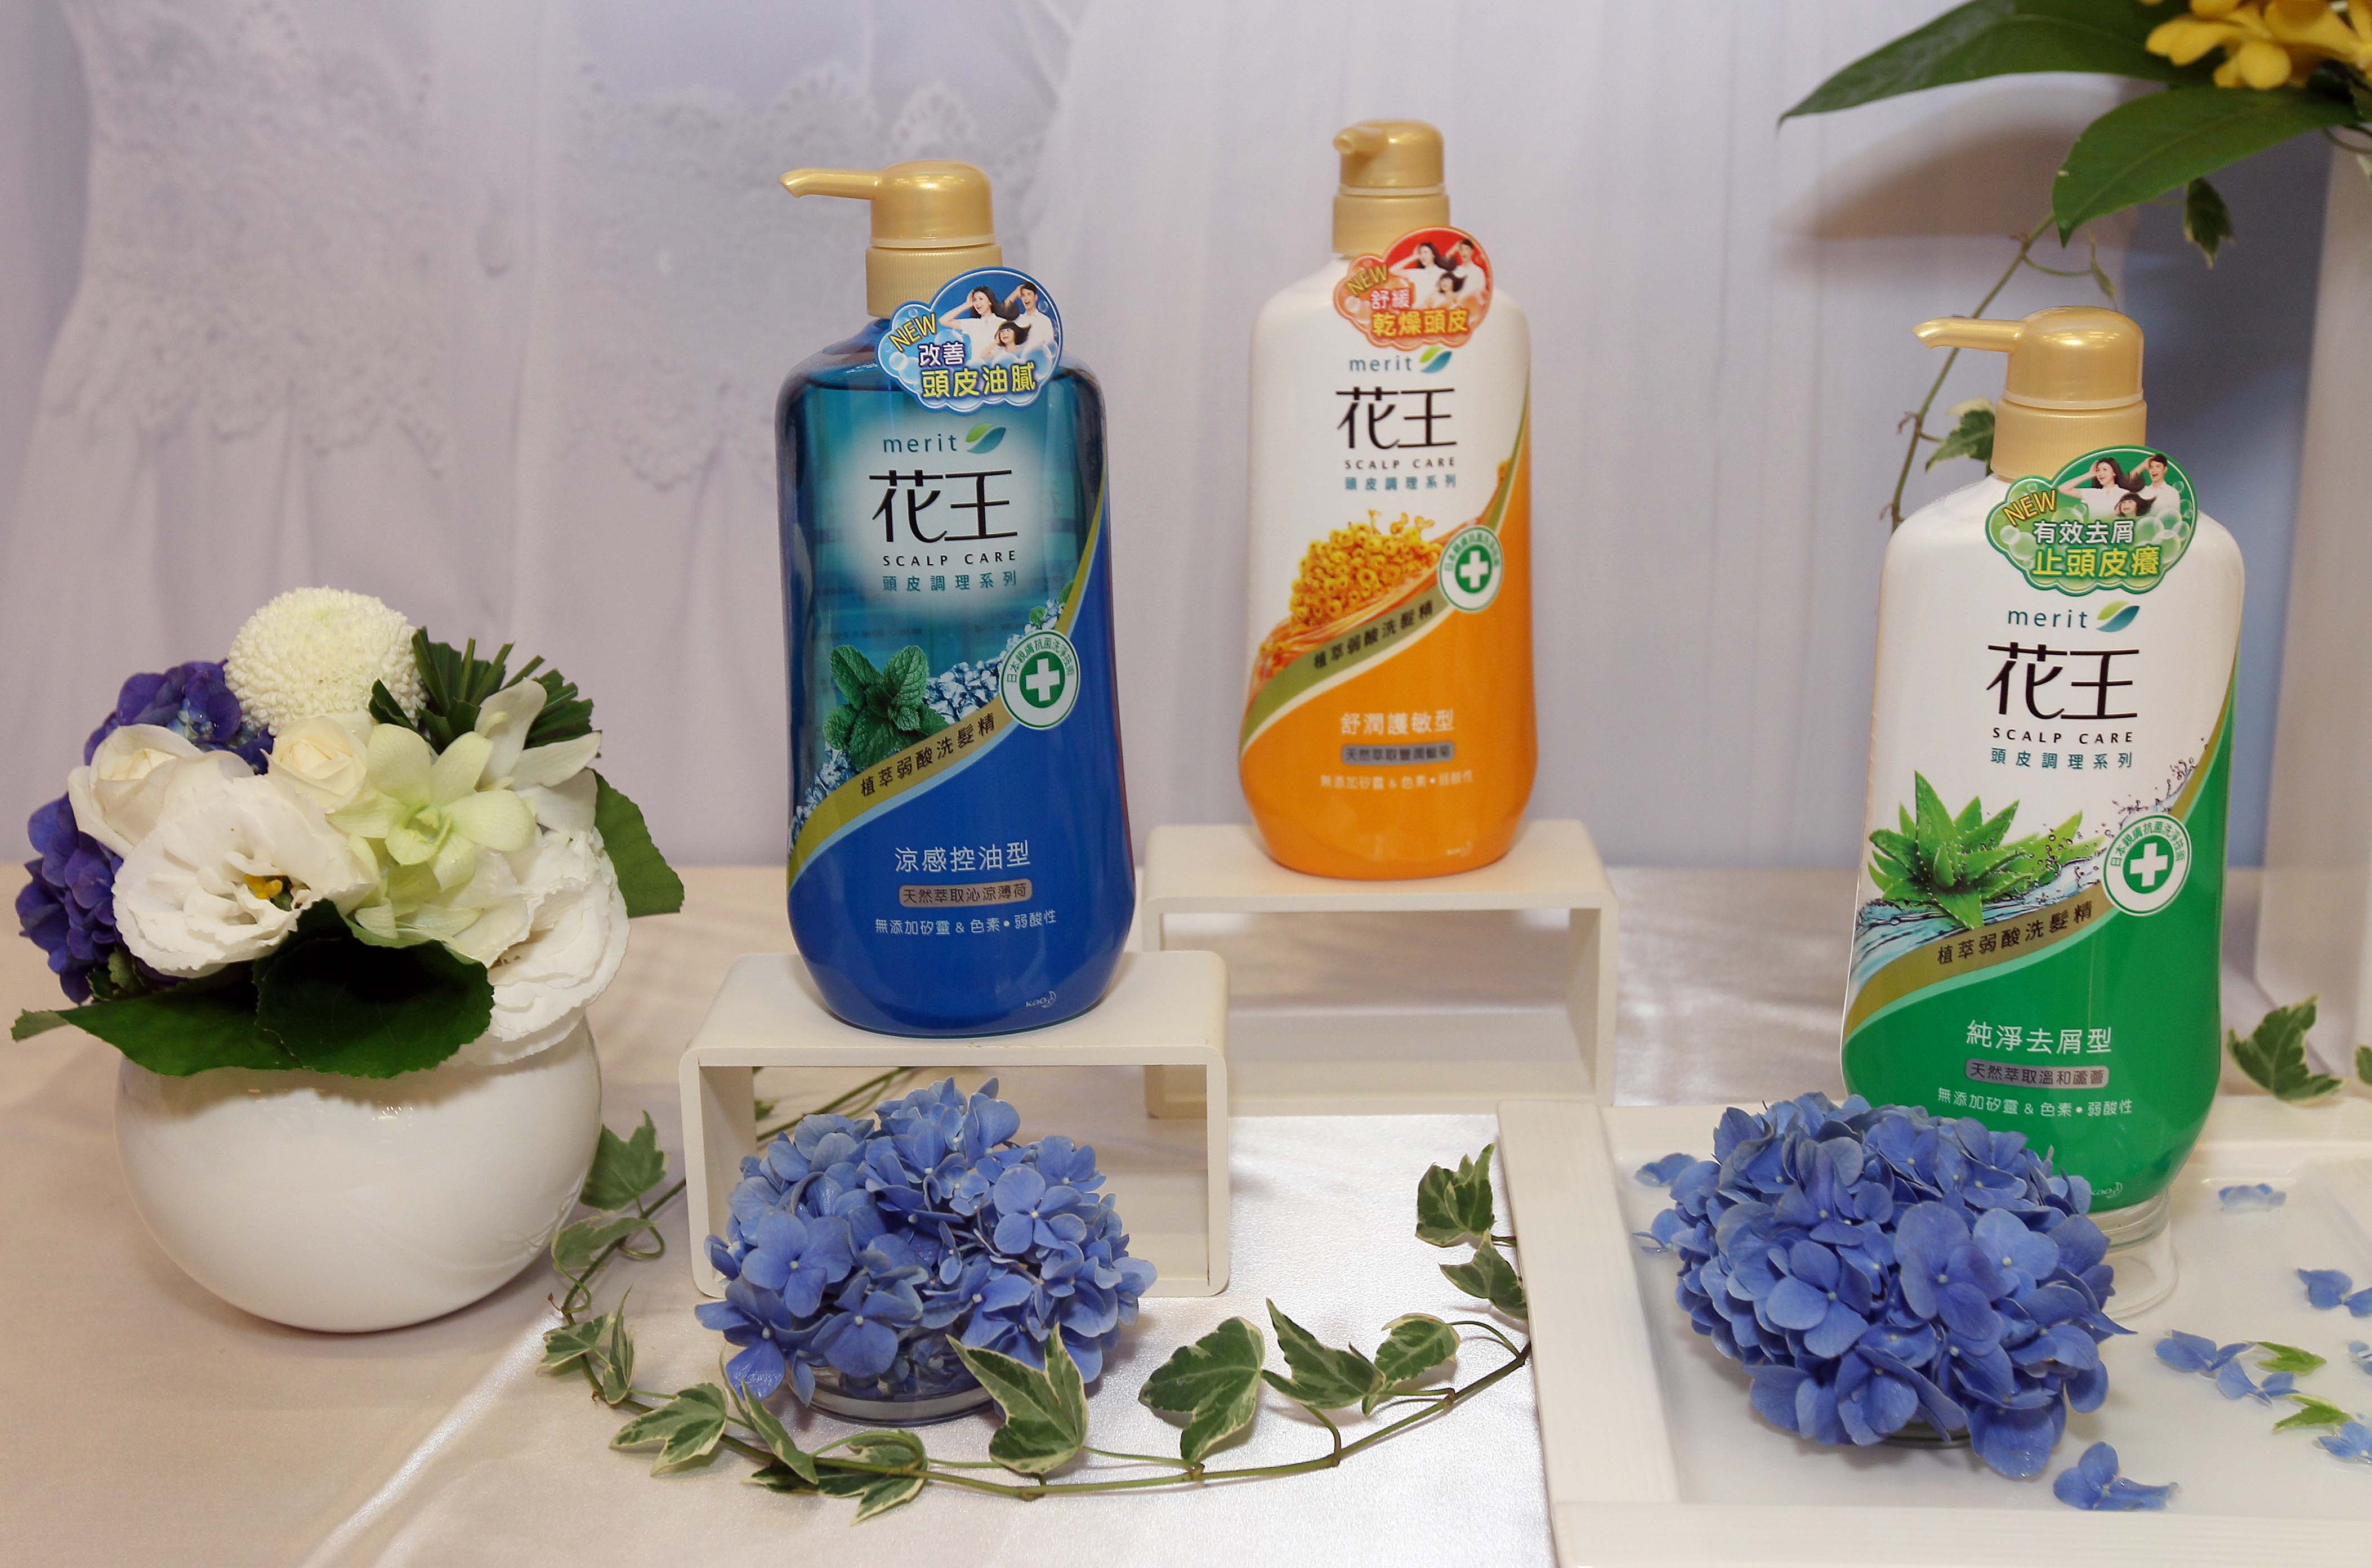 圖說-產品照-花王洗髮精頭皮調理系列